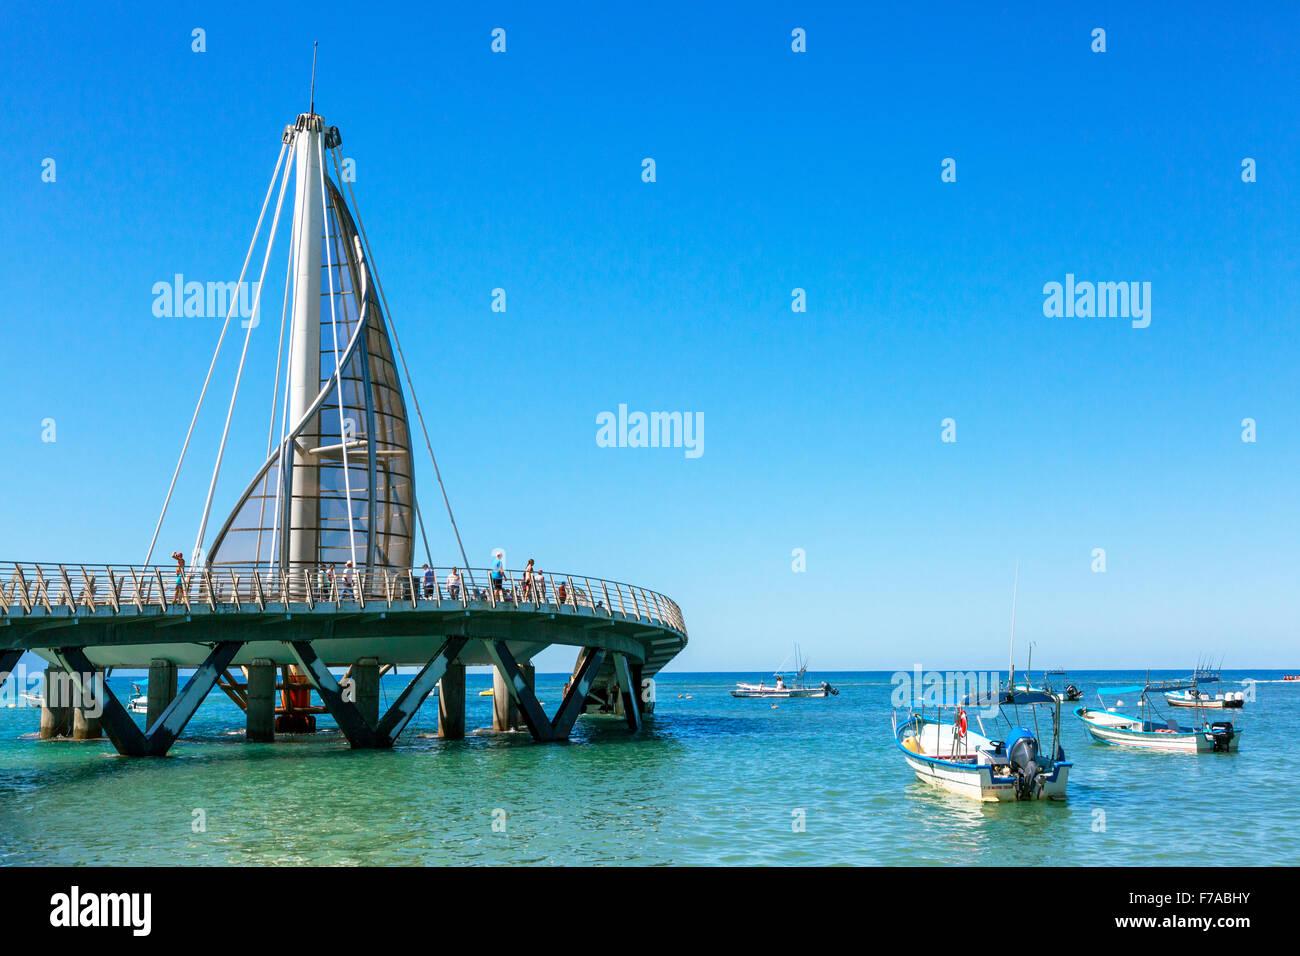 Pier of Los Muertos in Zone Romantica, Puerta Vallarta, Mexico in the Bay of Banderas, Stock Photo